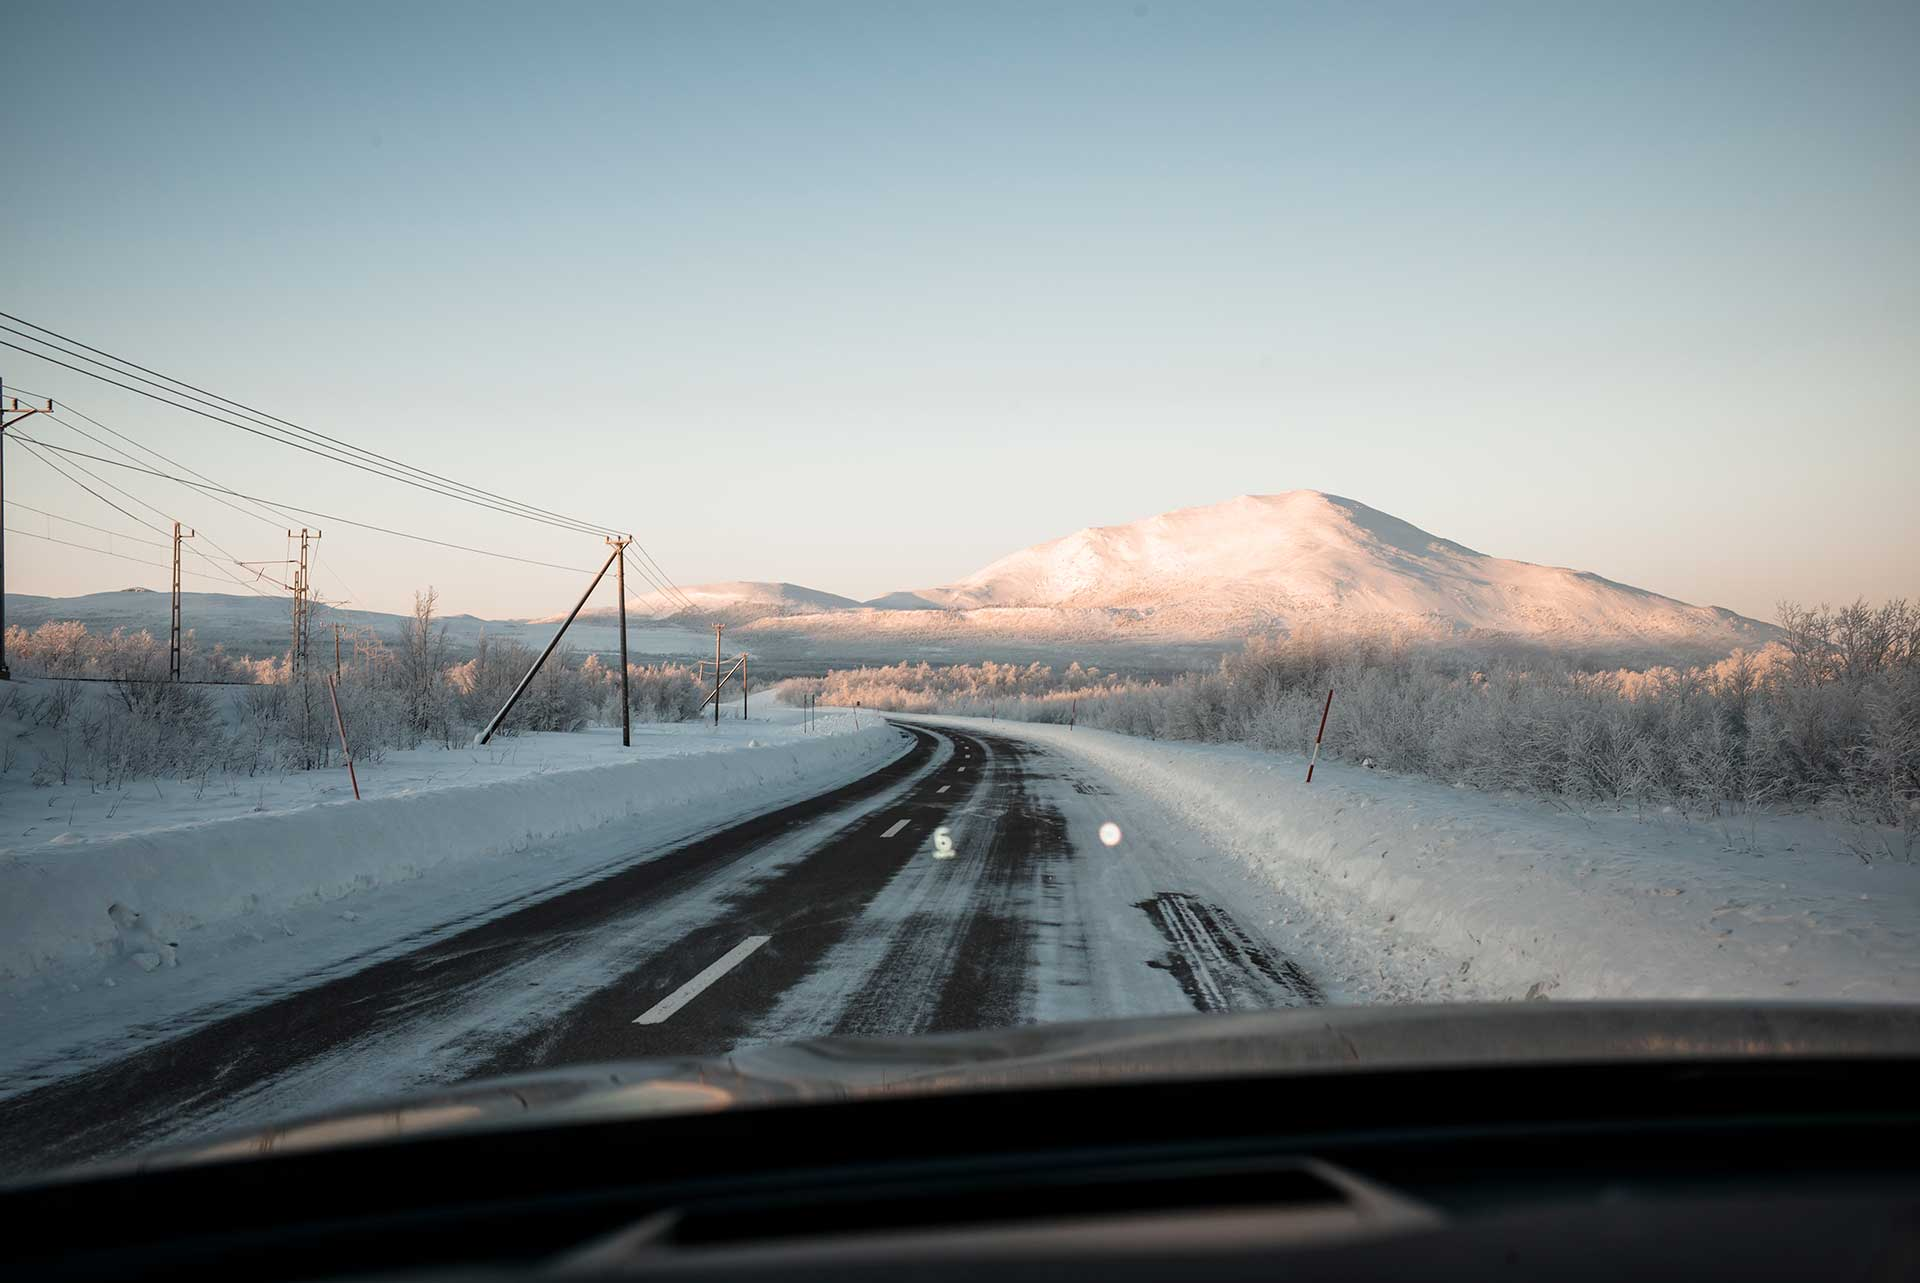 Reise Straße Winter Schnee Automotive Volvo Landschaft Fotograf